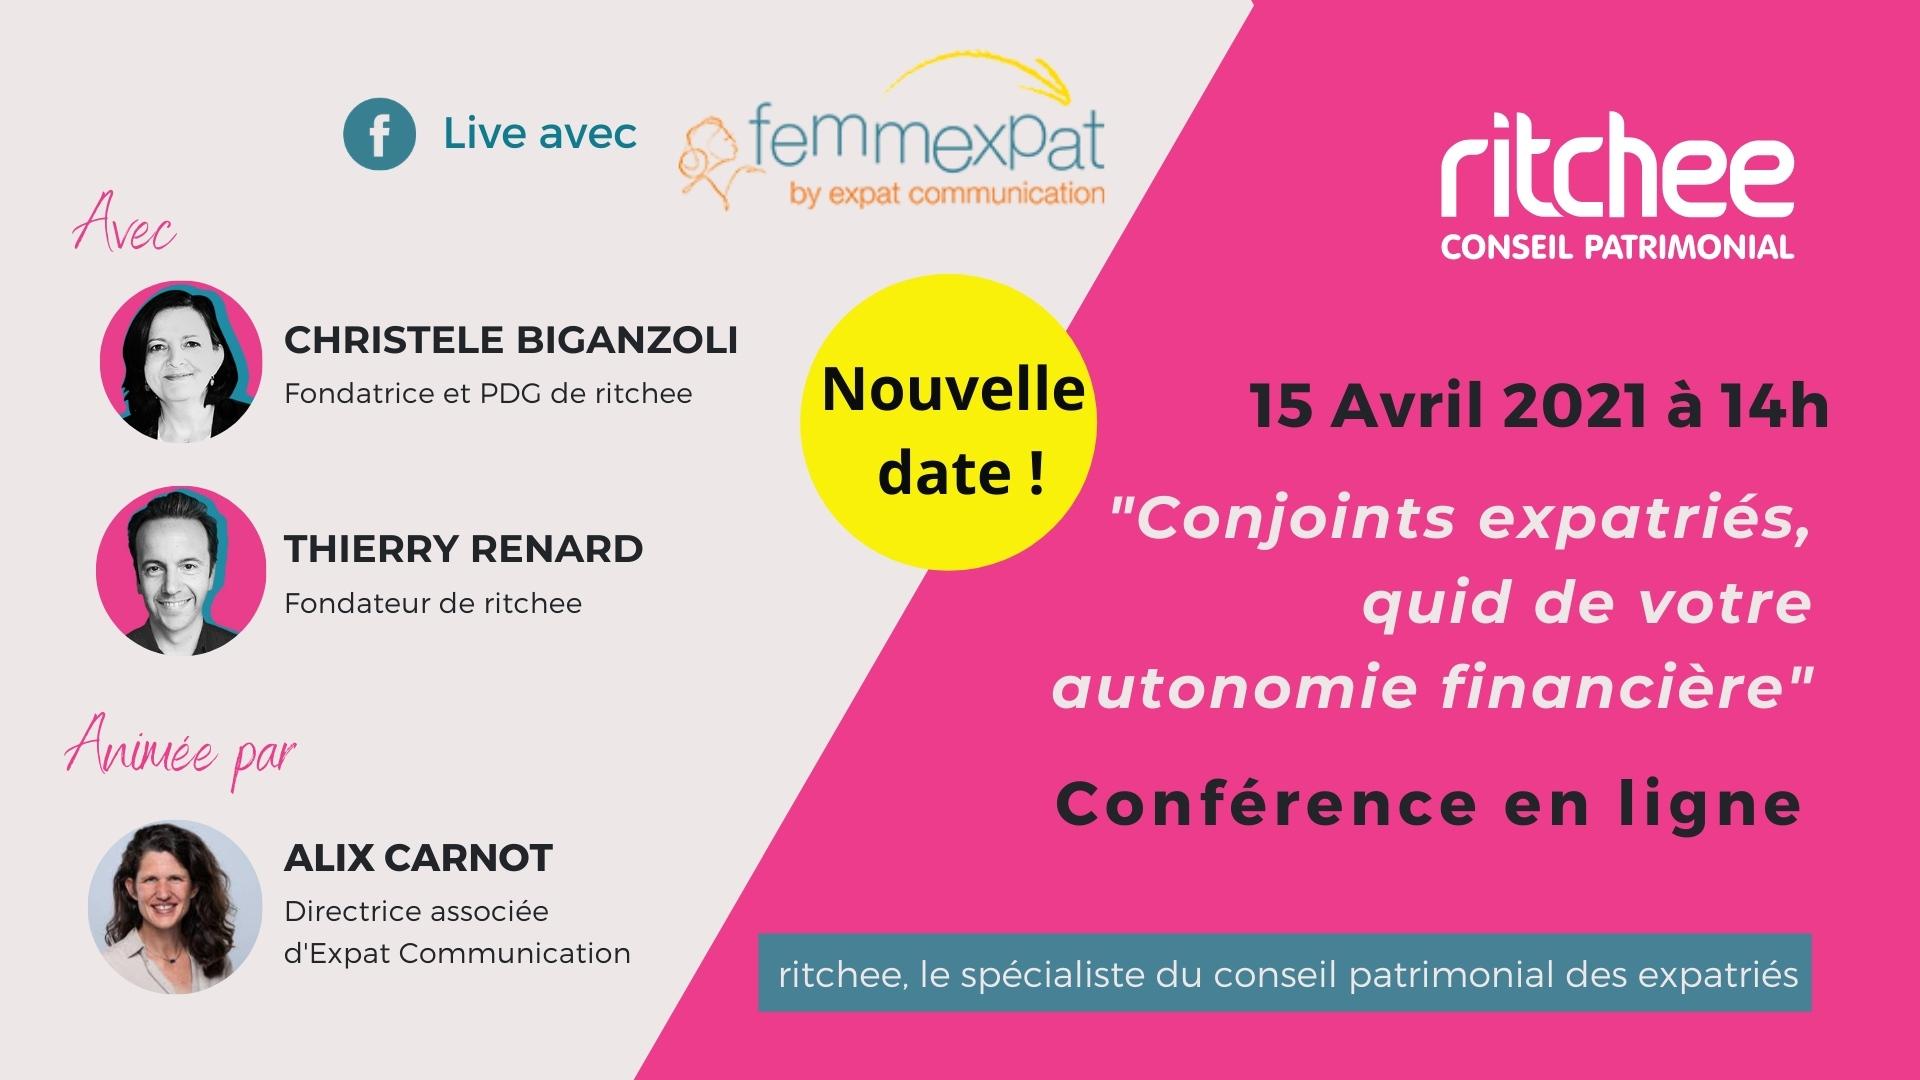 Visuel Annonce Ritchee Conférence en ligne